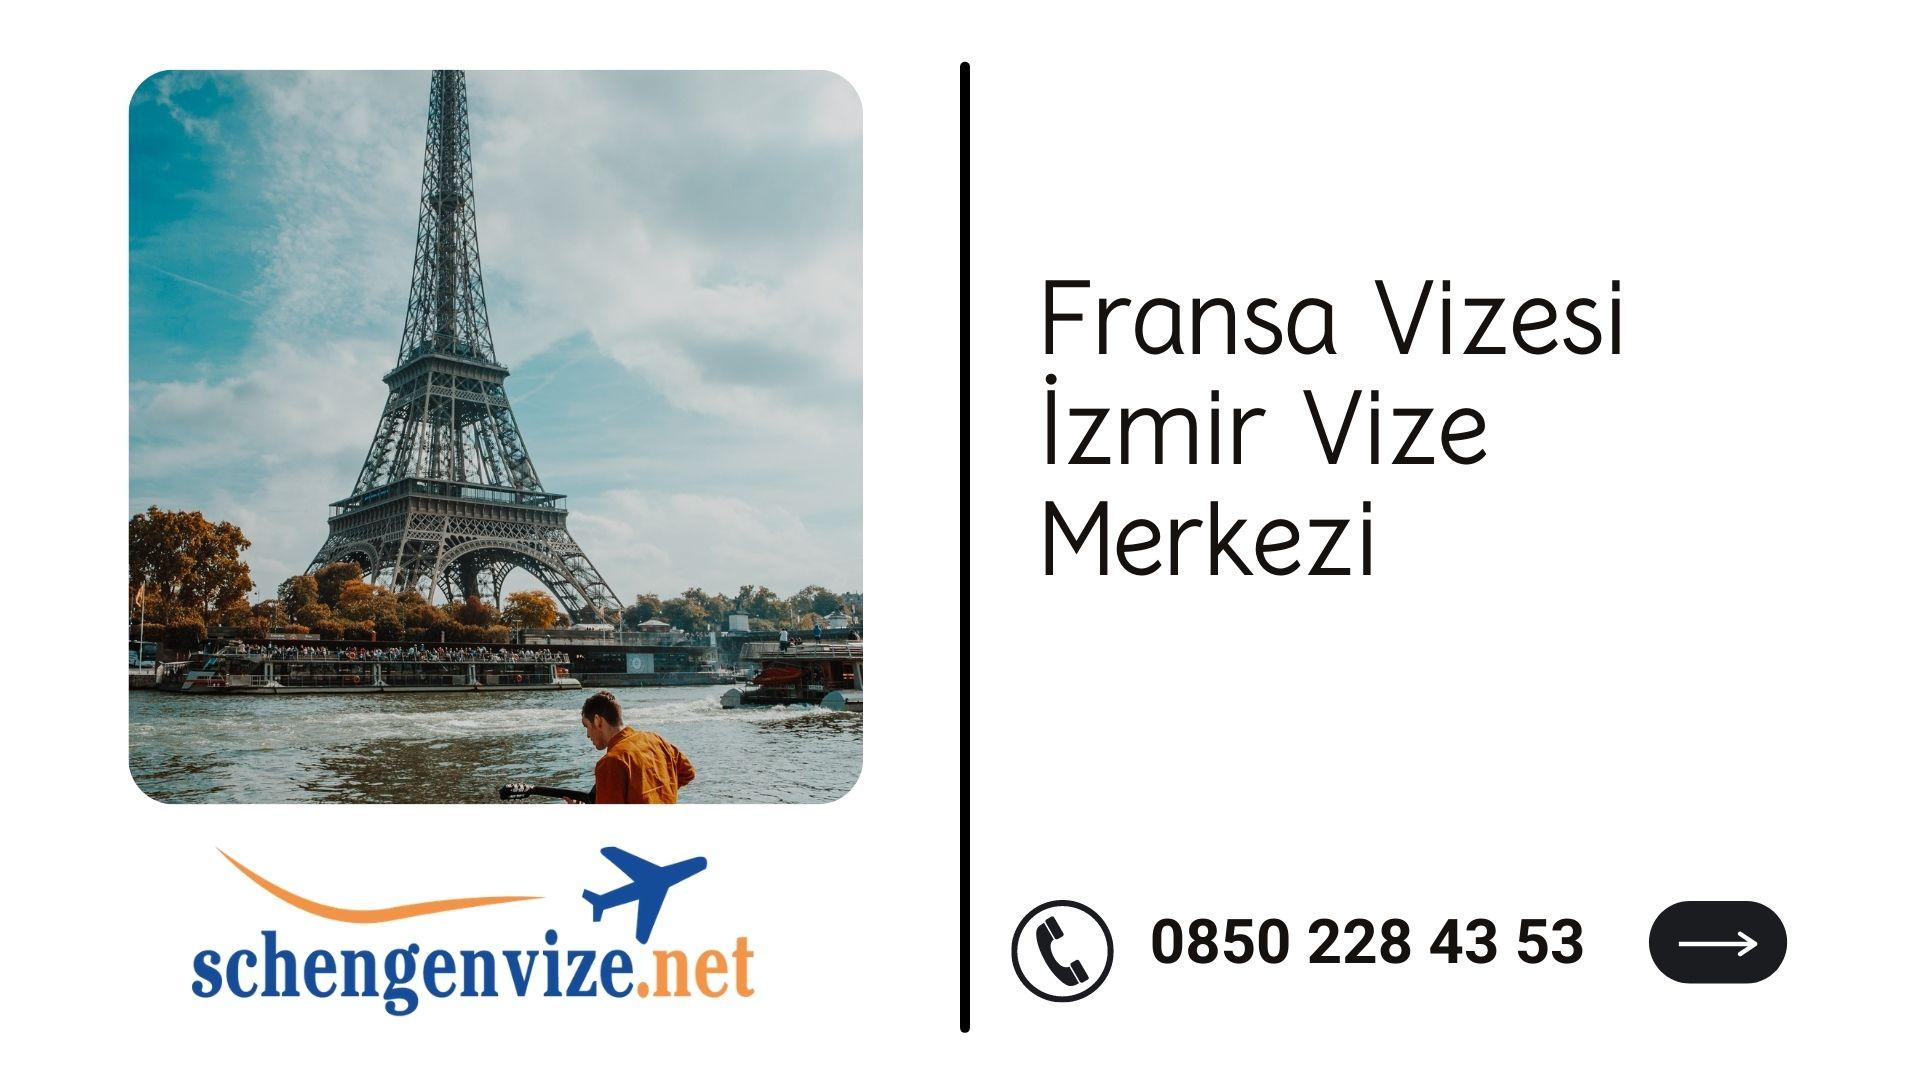 Fransa Vizesi İzmir Vize Merkezi